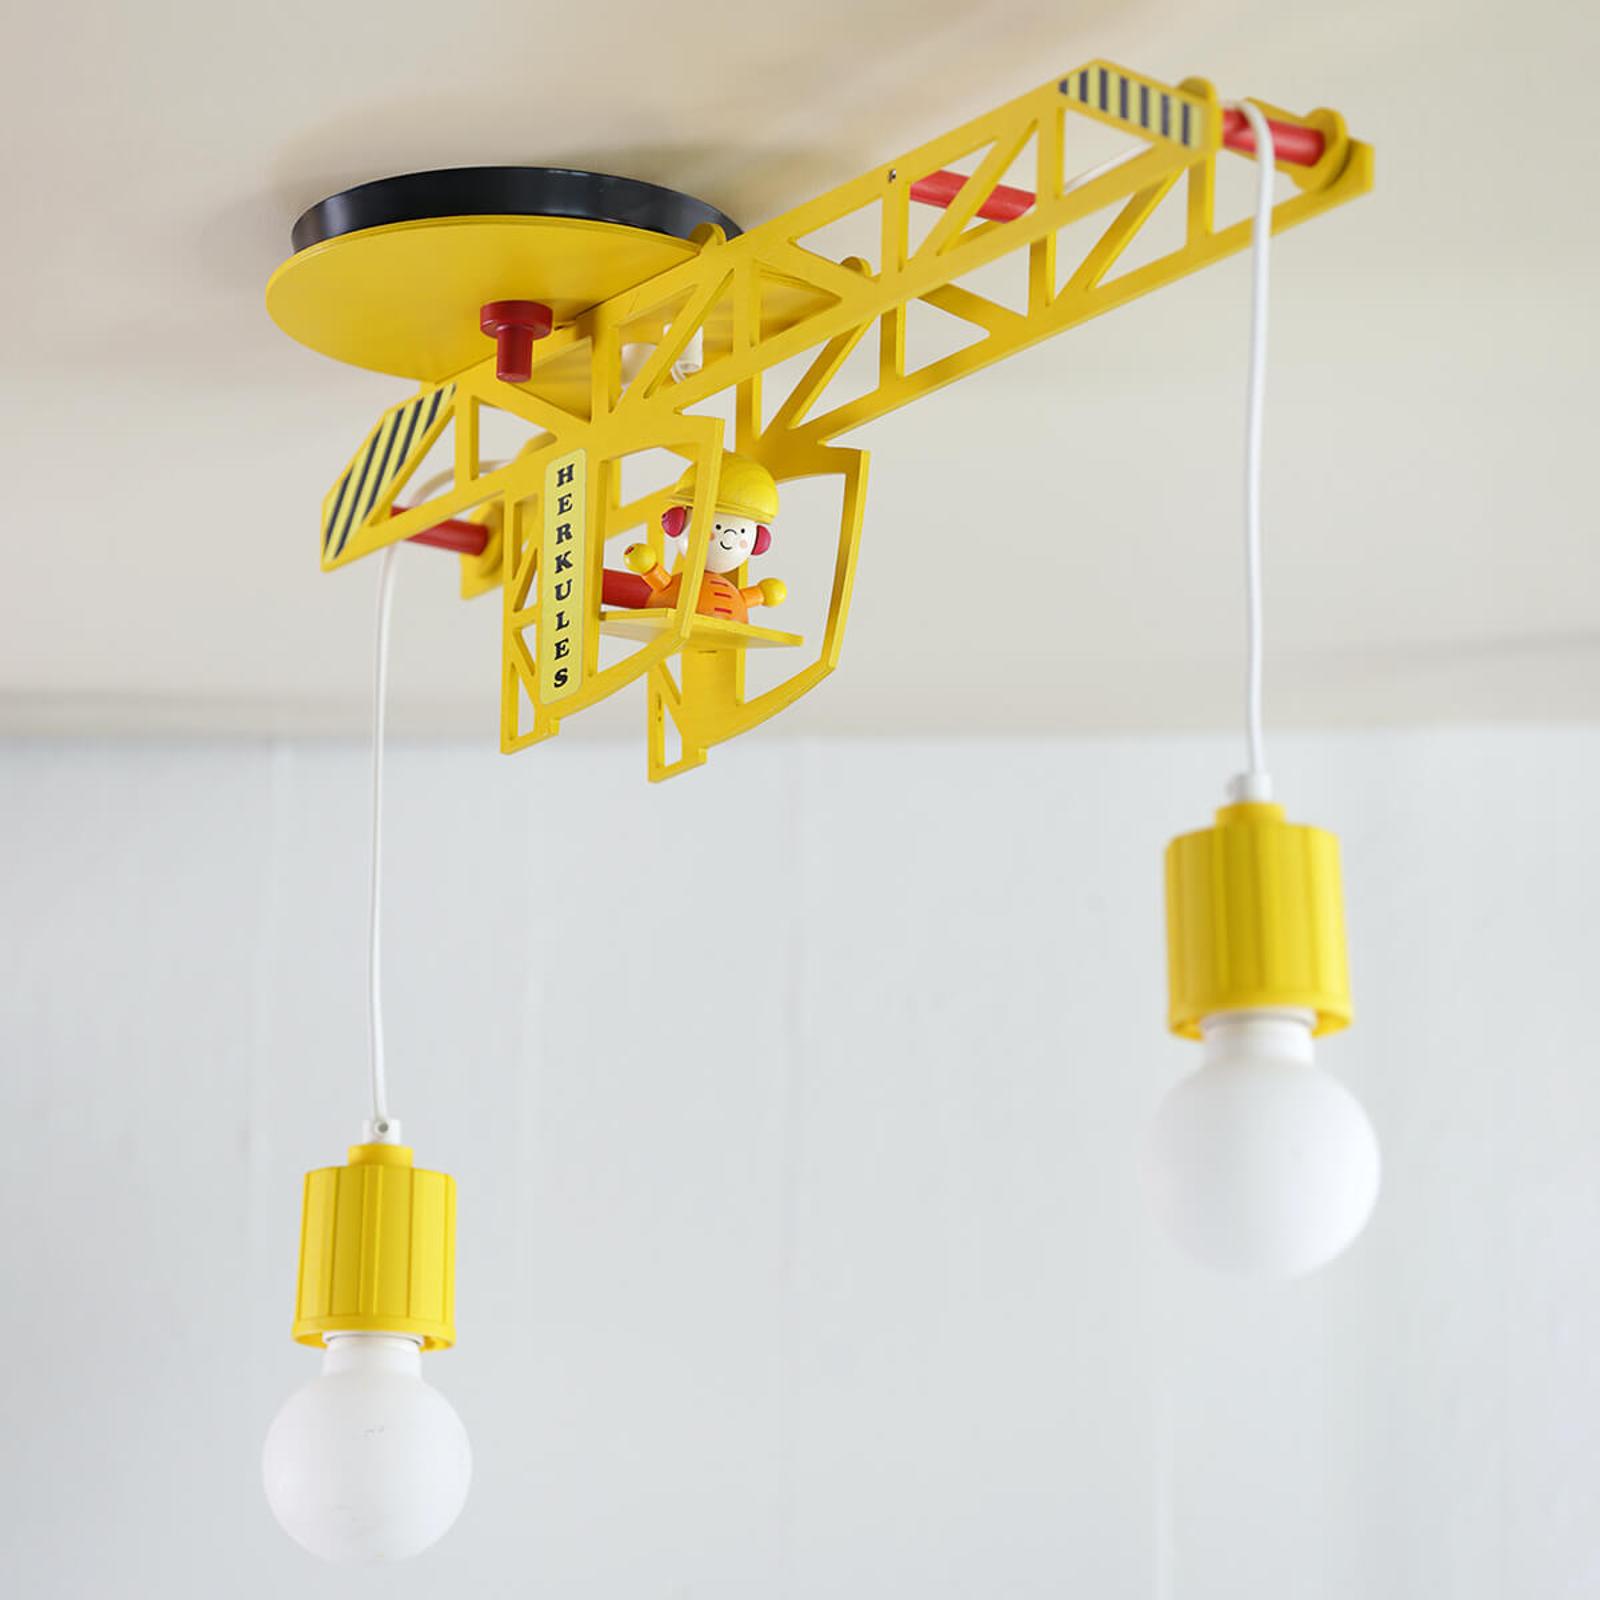 Plafondlamp Bodo in kraanvorm